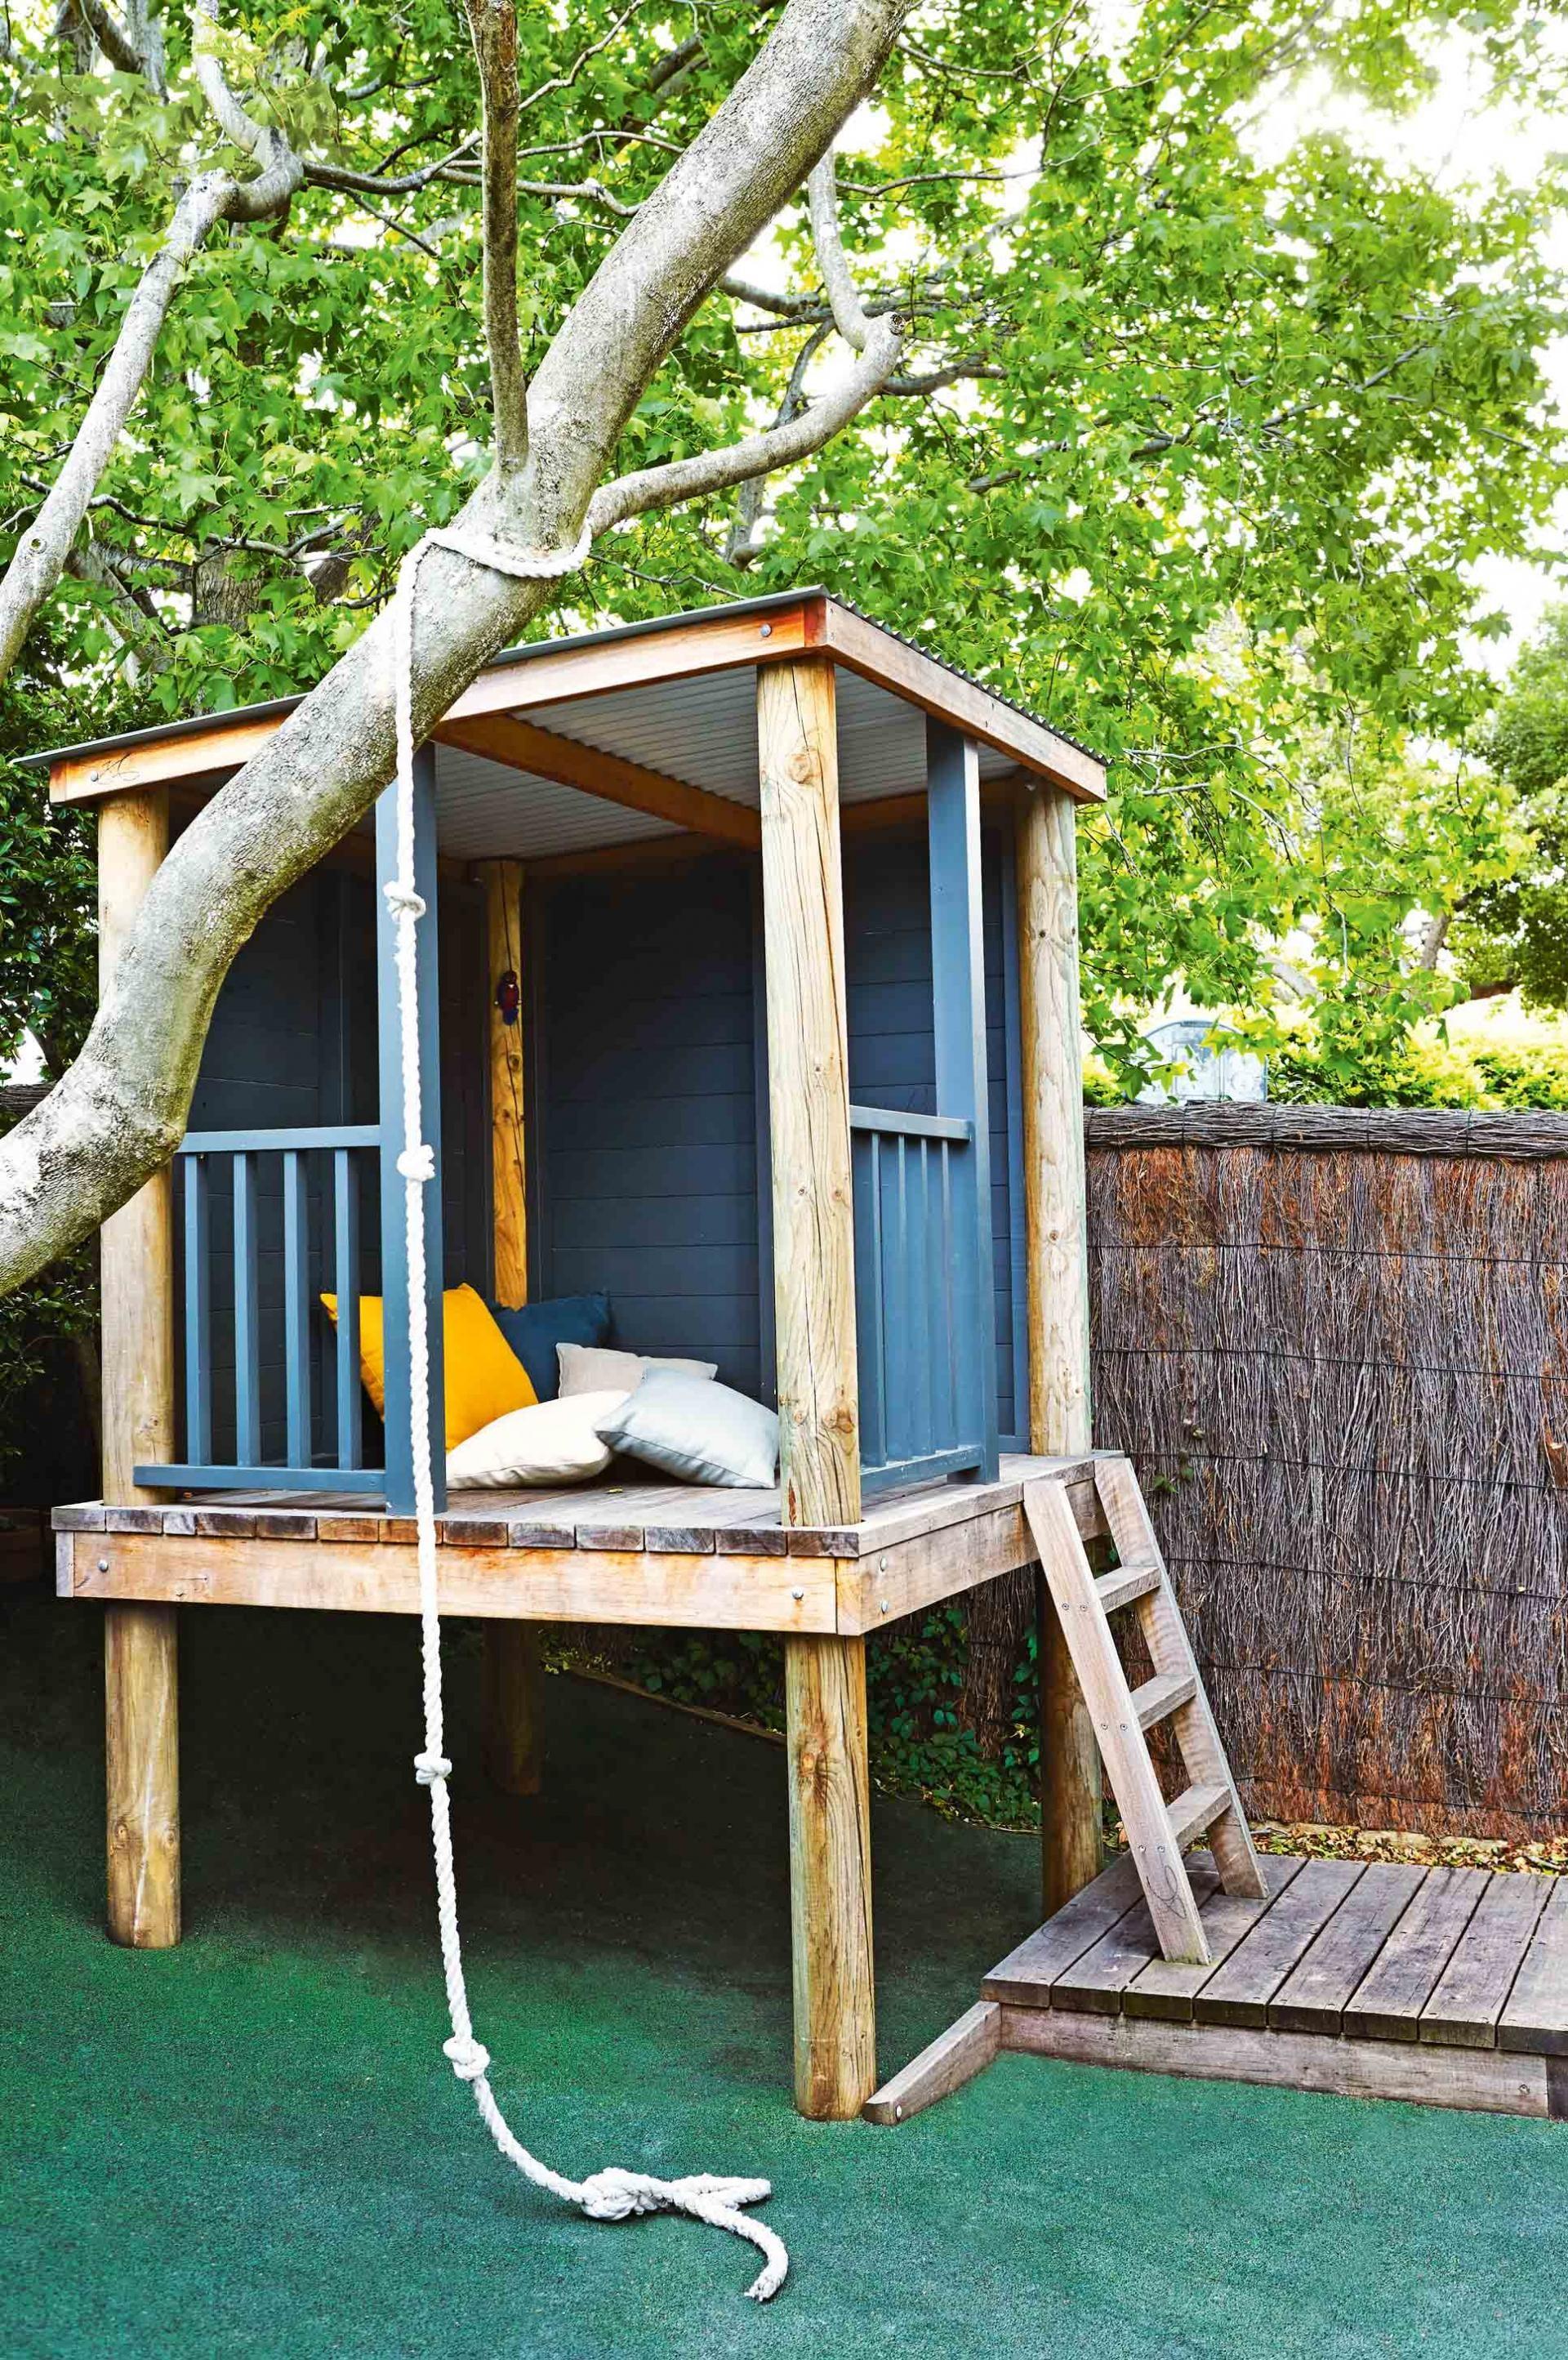 cabane pour les enfants coin d tente pour les adultes cette construction en bois adoss e un. Black Bedroom Furniture Sets. Home Design Ideas